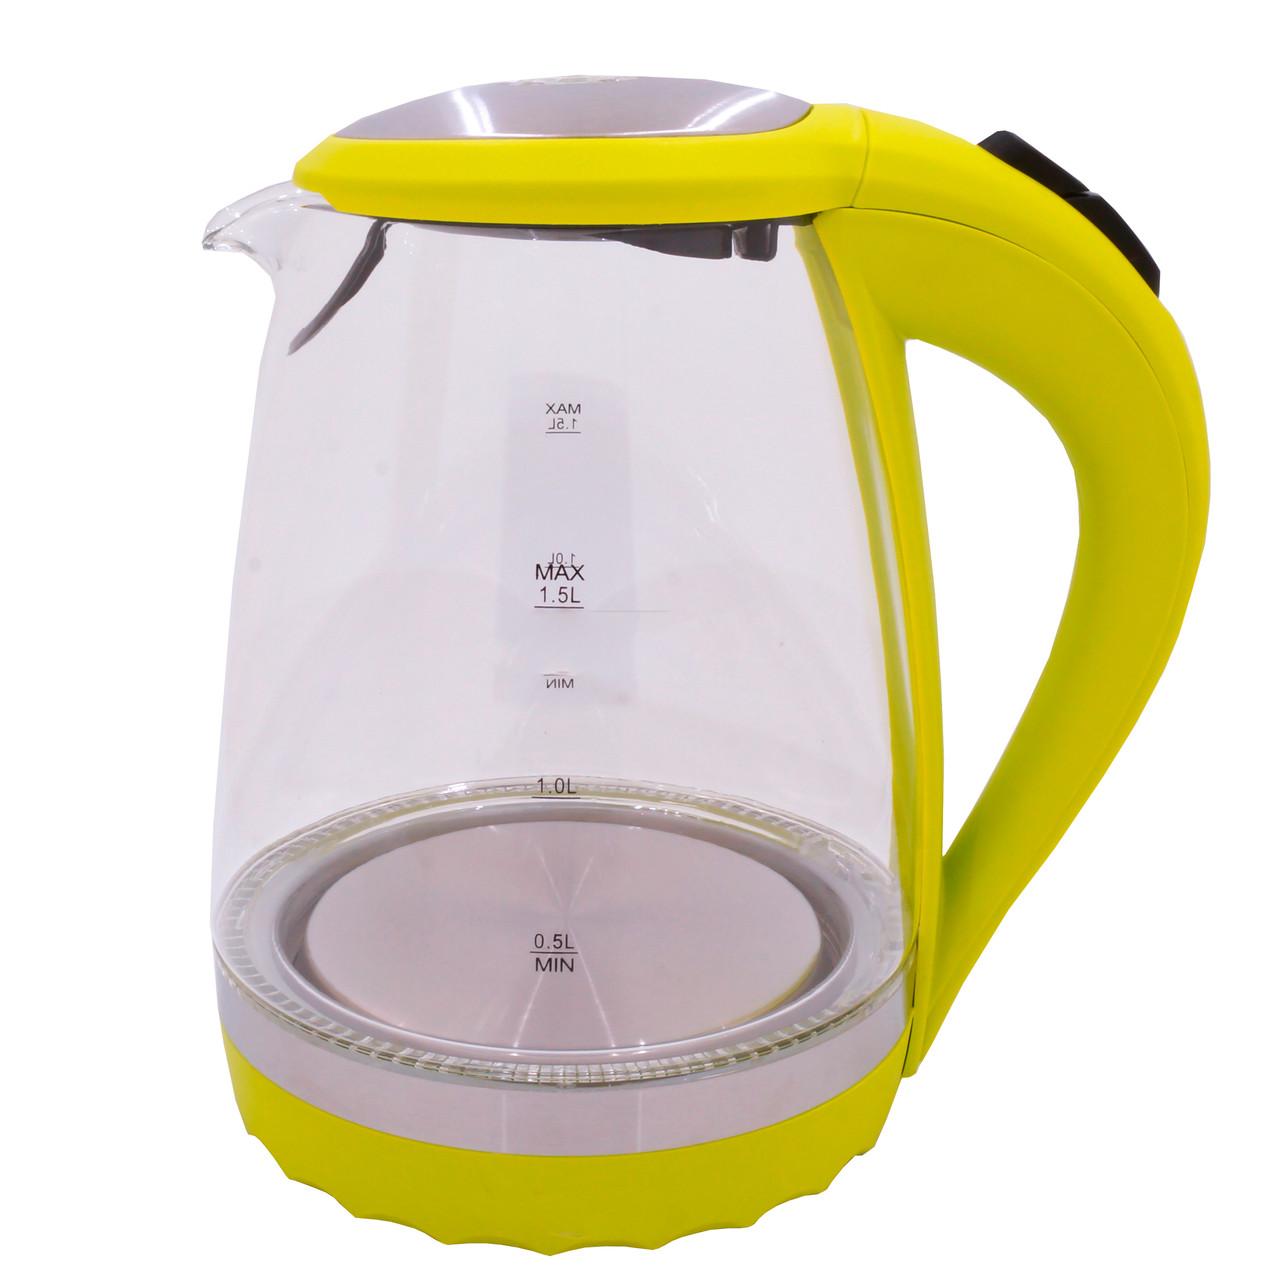 Электрочайник стекло DT 820 желтый 1,5 литра распродажа